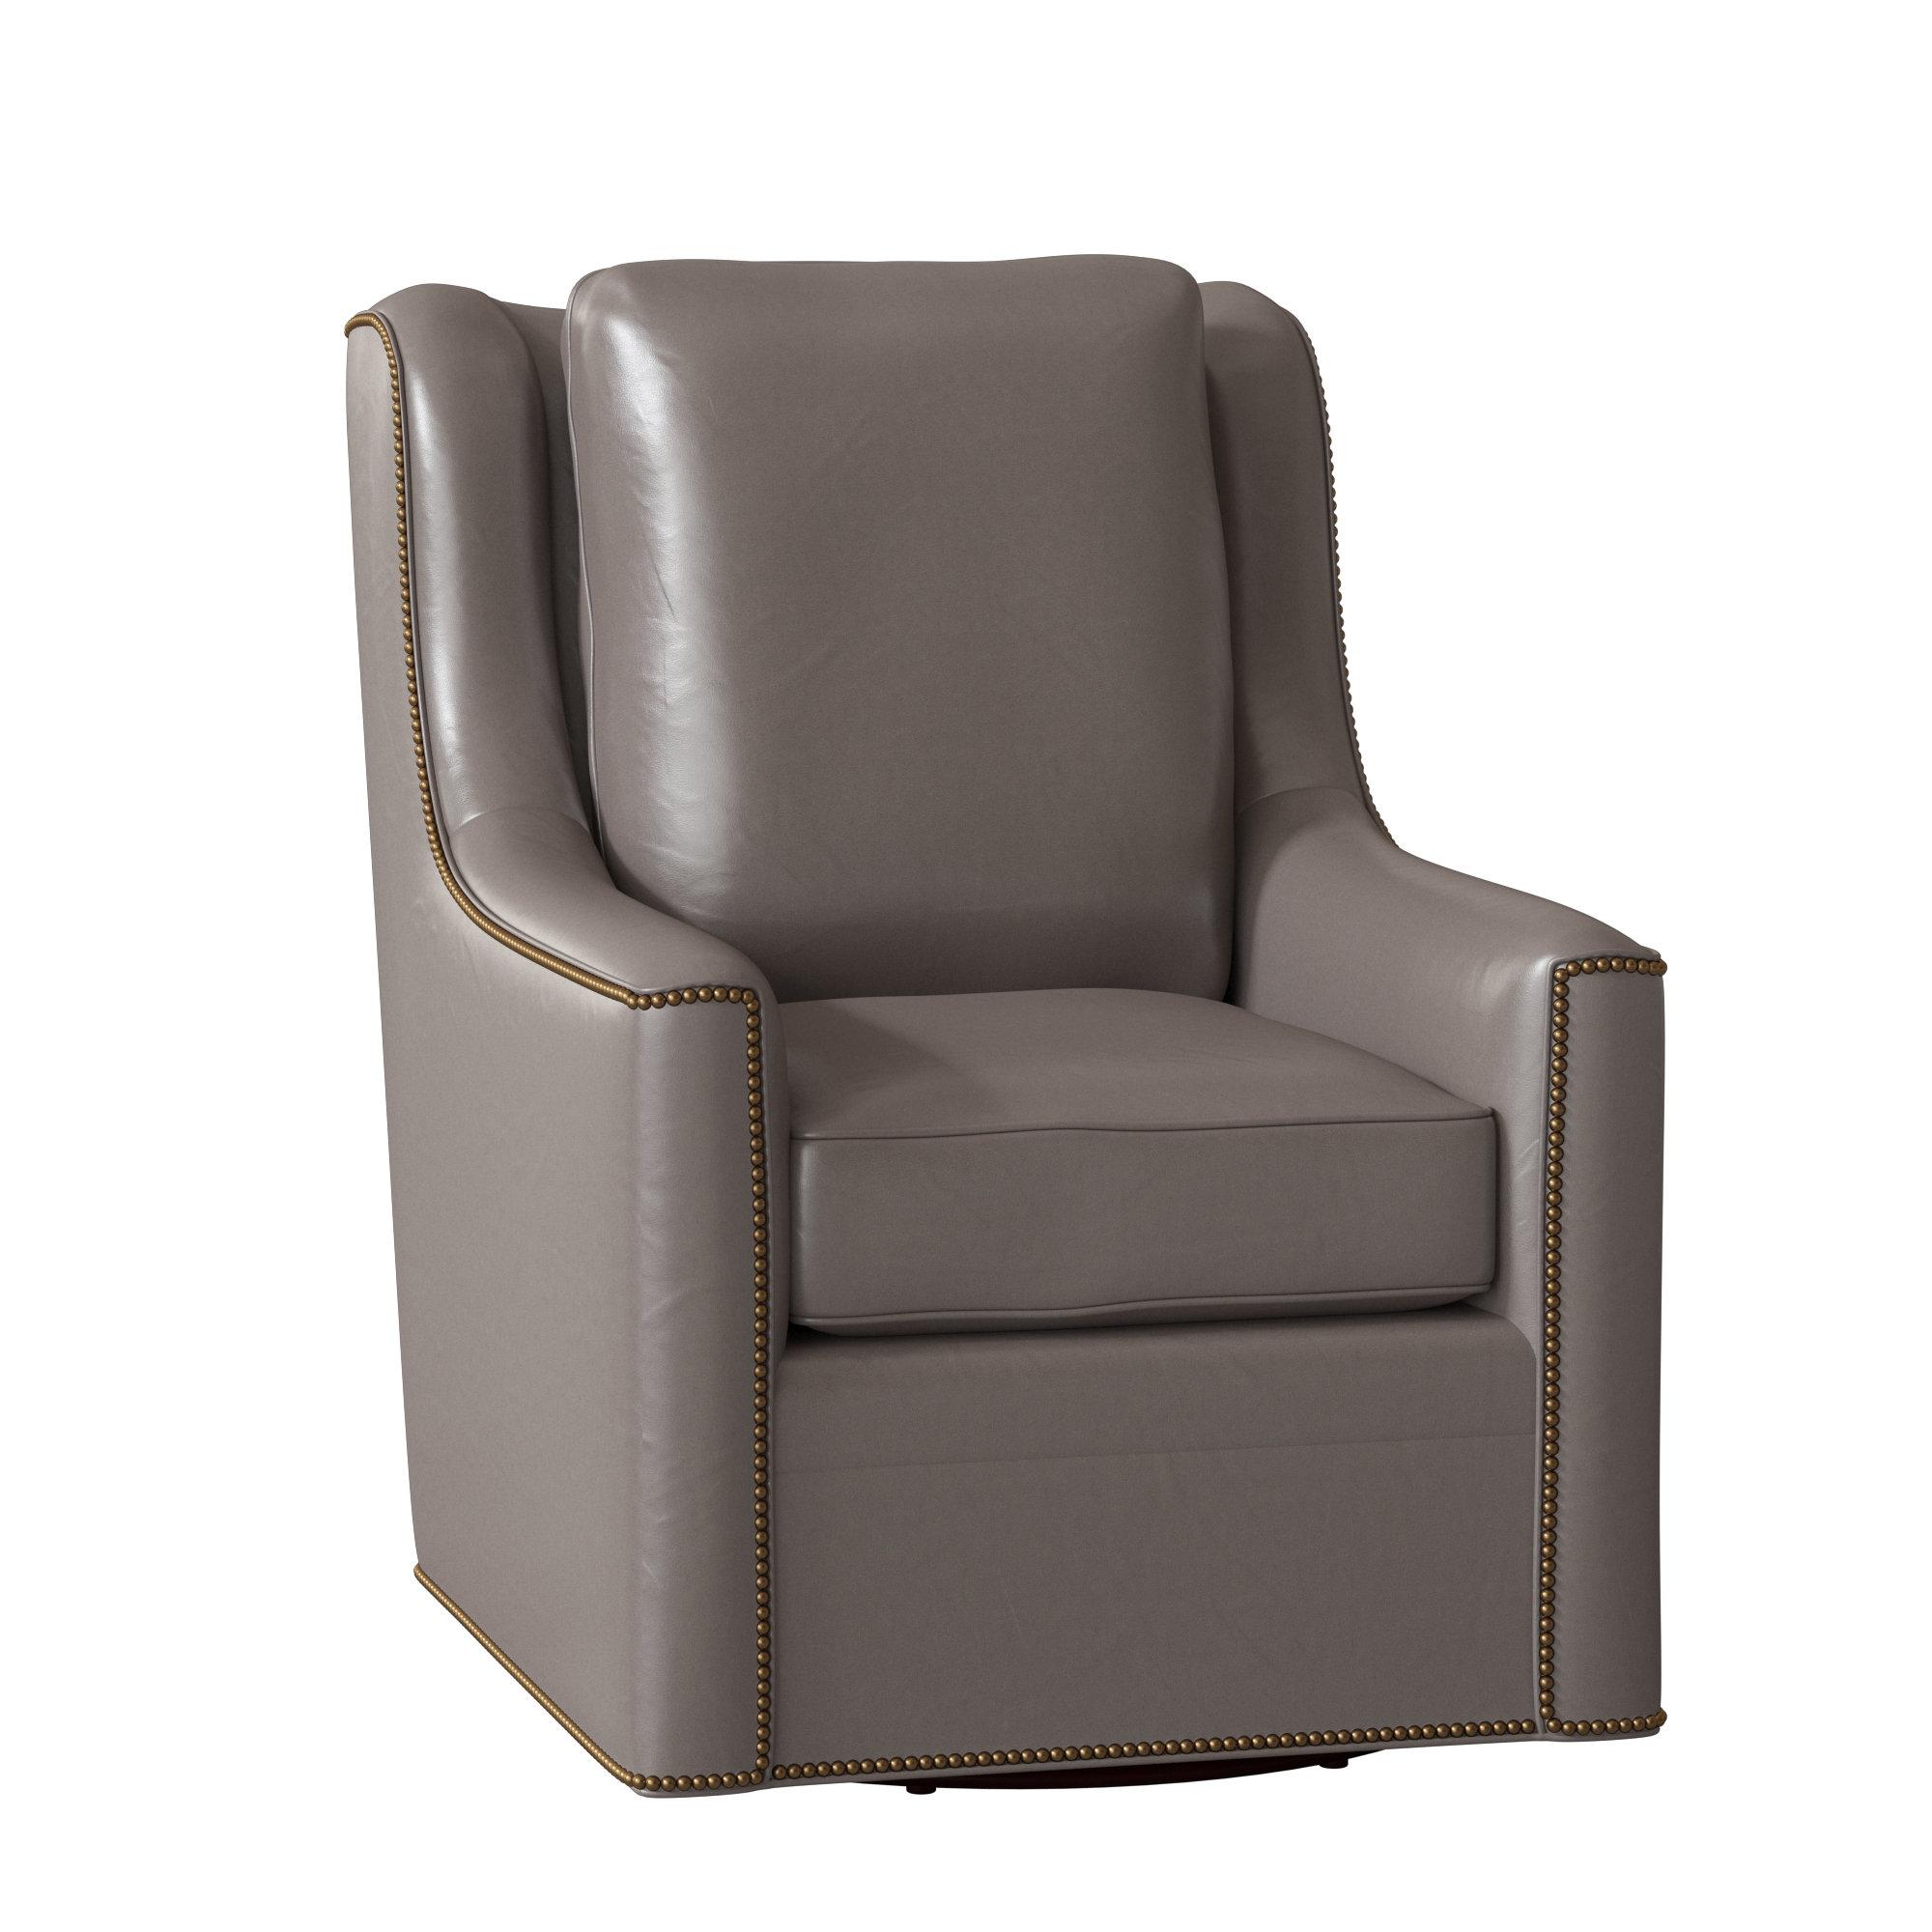 Pleasing Percy Swivel Swivel Tub Chair Camellatalisay Diy Chair Ideas Camellatalisaycom